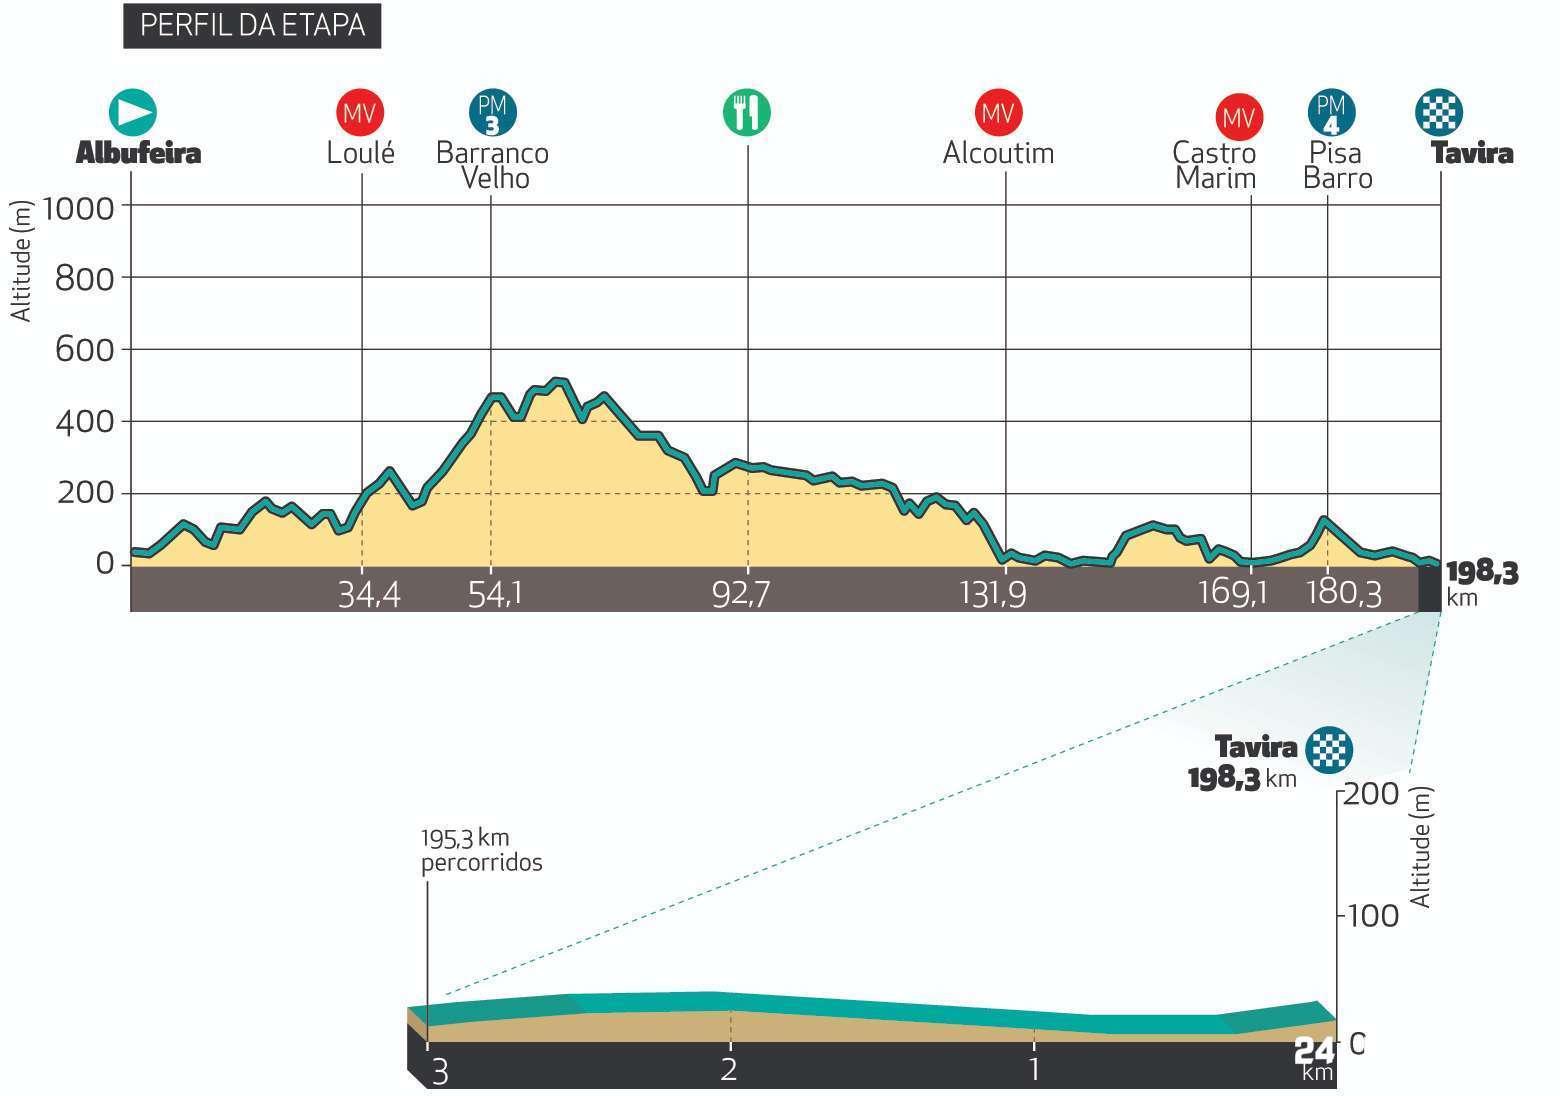 Volta ao Algarve em Bicicleta Live - Stage 4 | Live Race Report ...